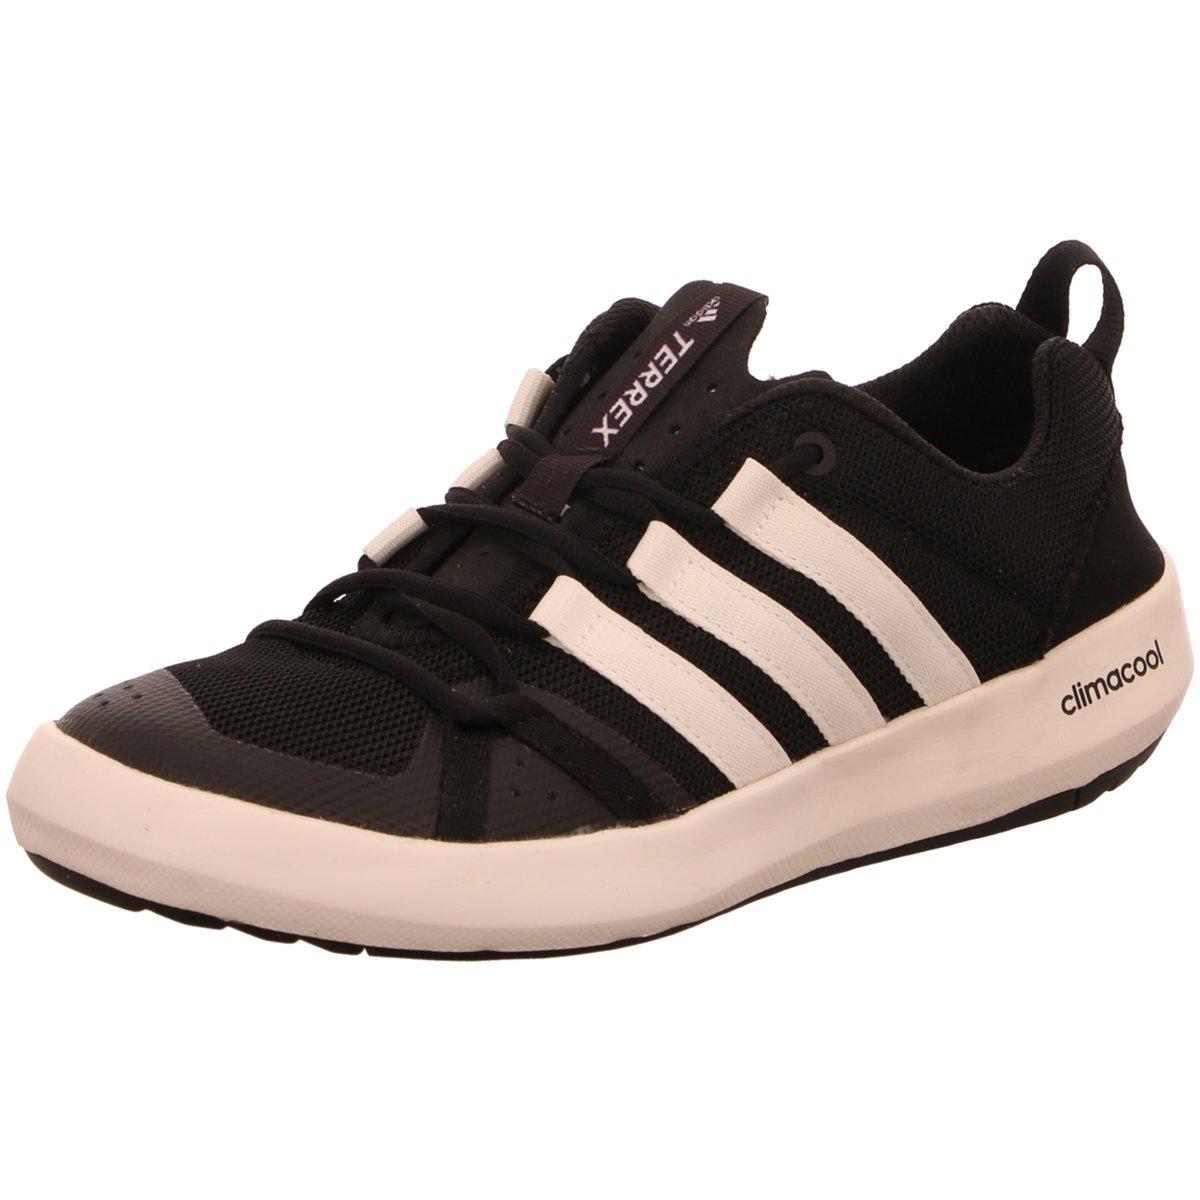 NEU adidas Herren Sneaker Terrex CC Boat BB1904/000 schwarz 273174